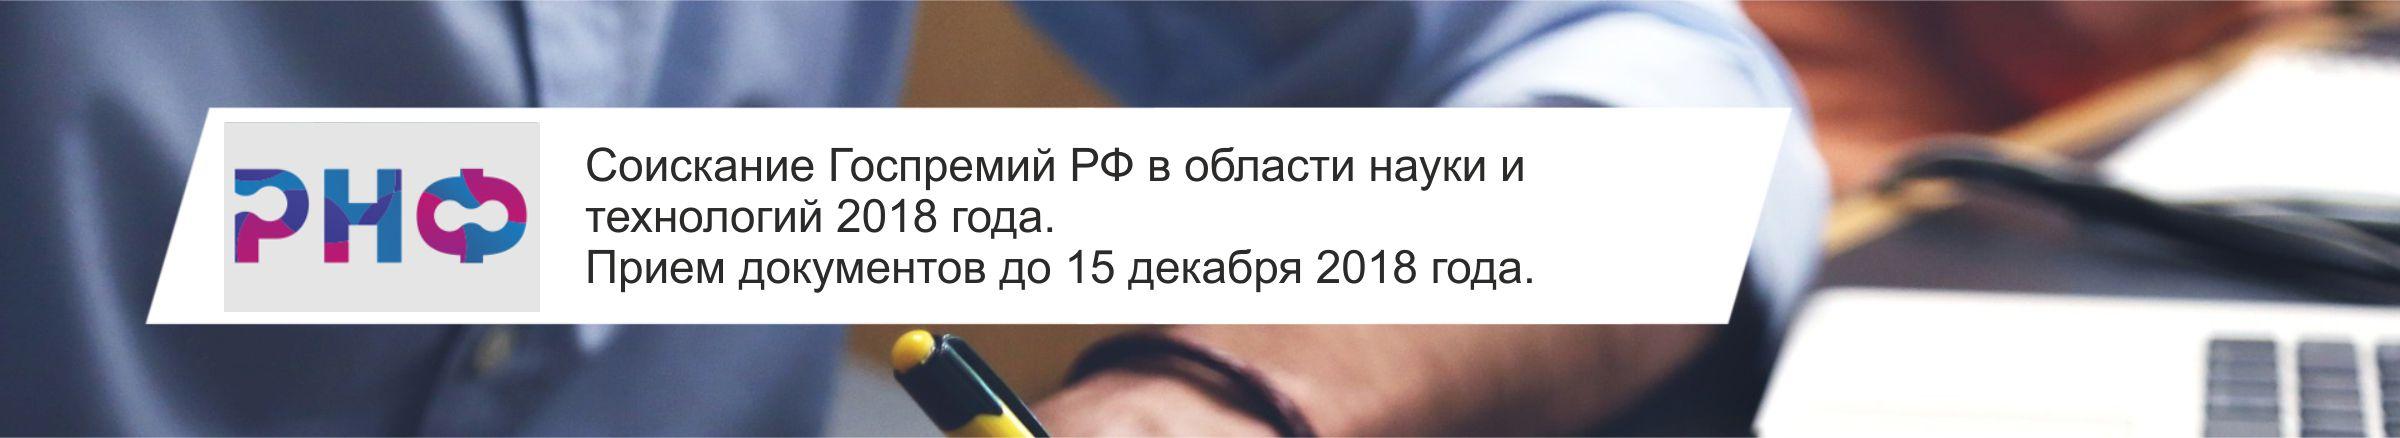 Соискание Госпремий РФ в области науки и технологий 2018 года